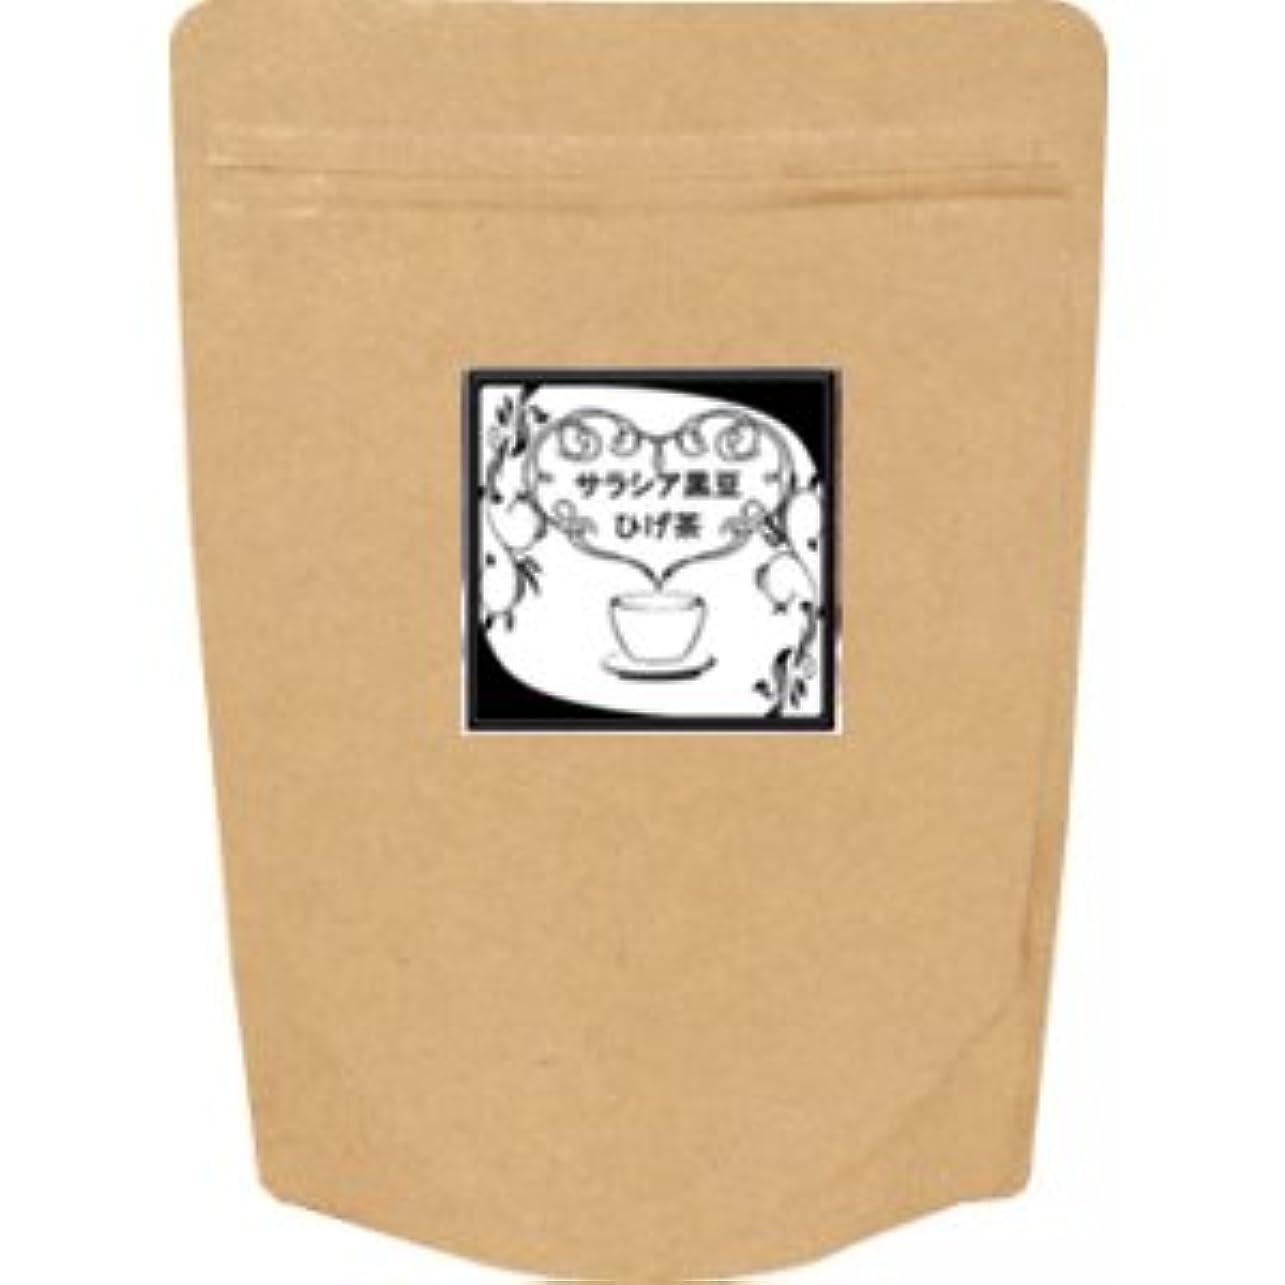 公園カプラー風味【抗糖花】サラシア黒豆ひげ茶(お徳用ティーバッグ100ヶ)